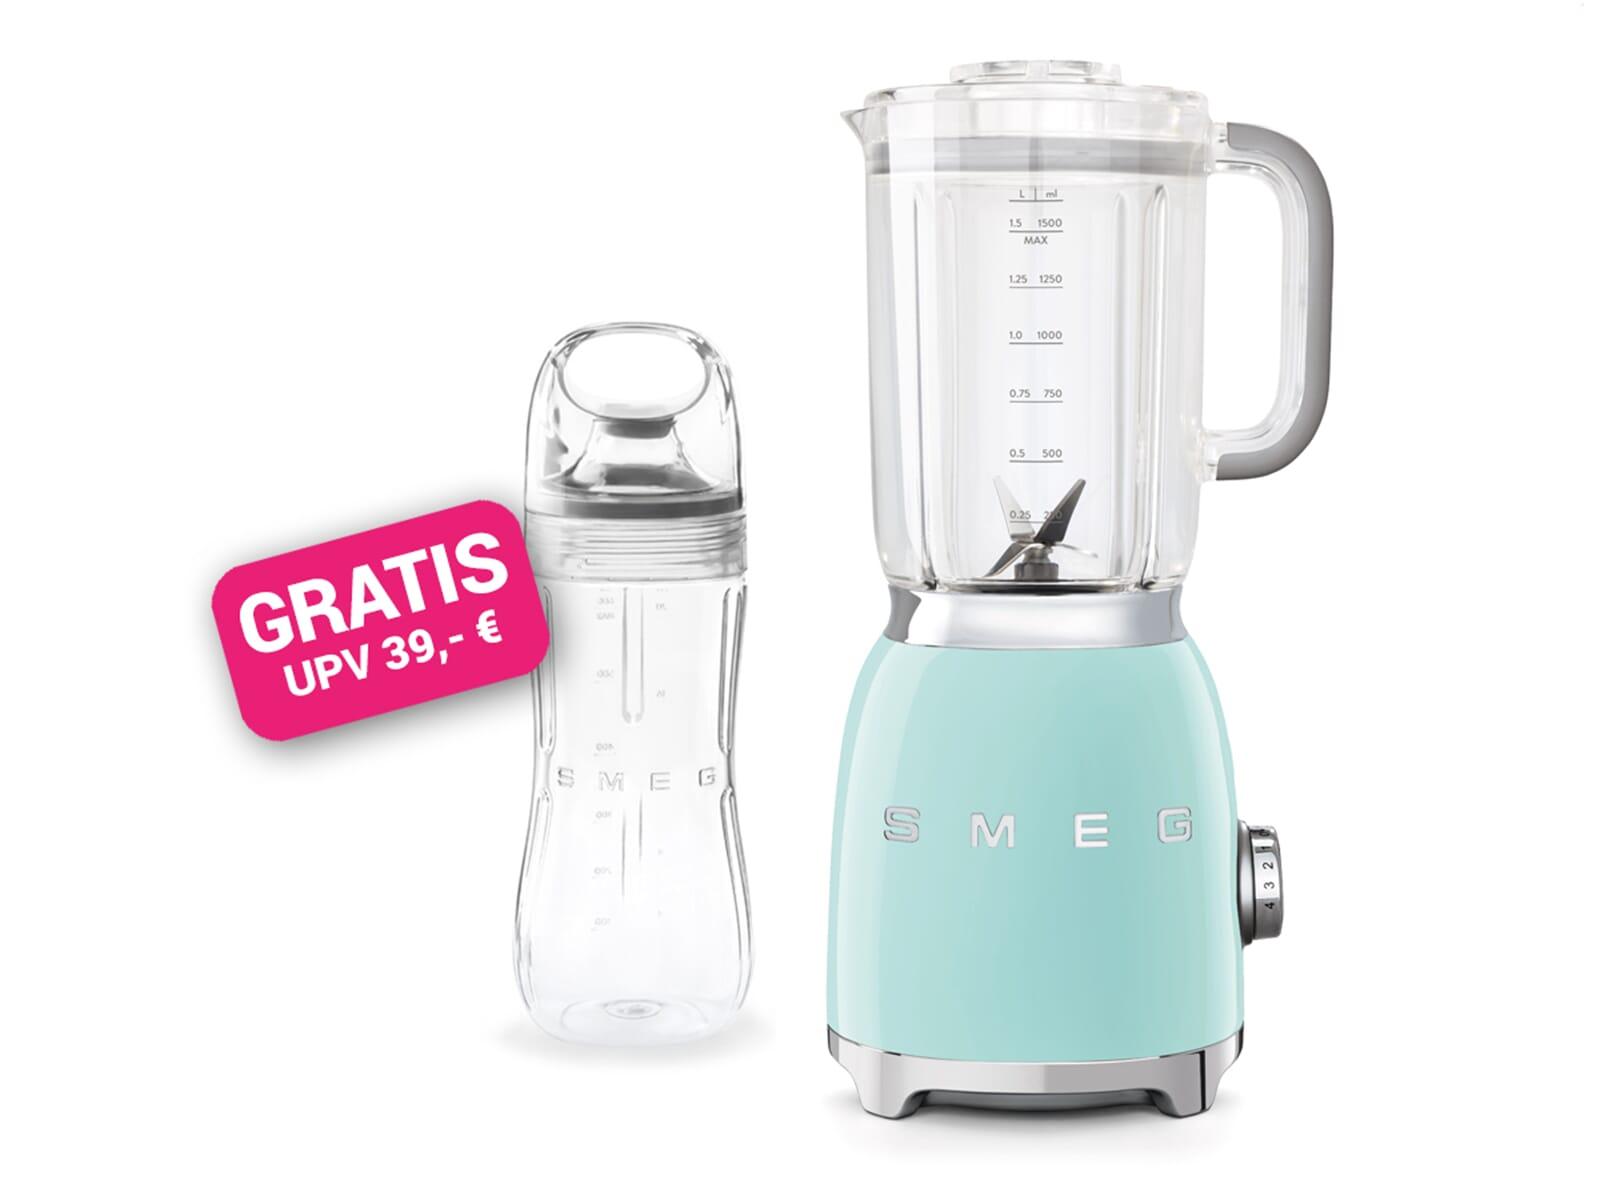 Smeg BLF01PGEU Standmixer Pastelgrün inkl. GRATIS Trinkflasche BGF01